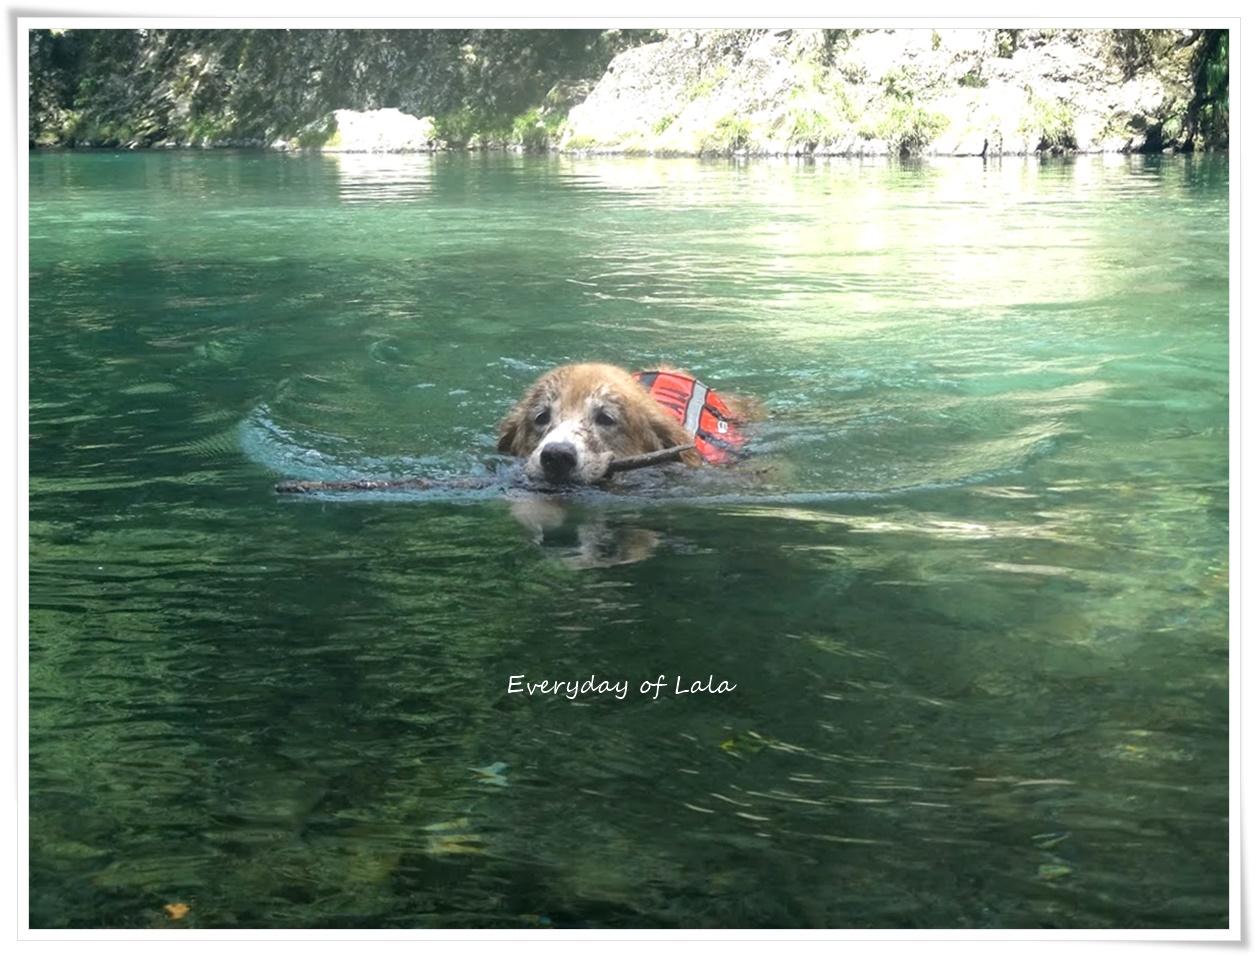 すいすいと泳ぐ♪